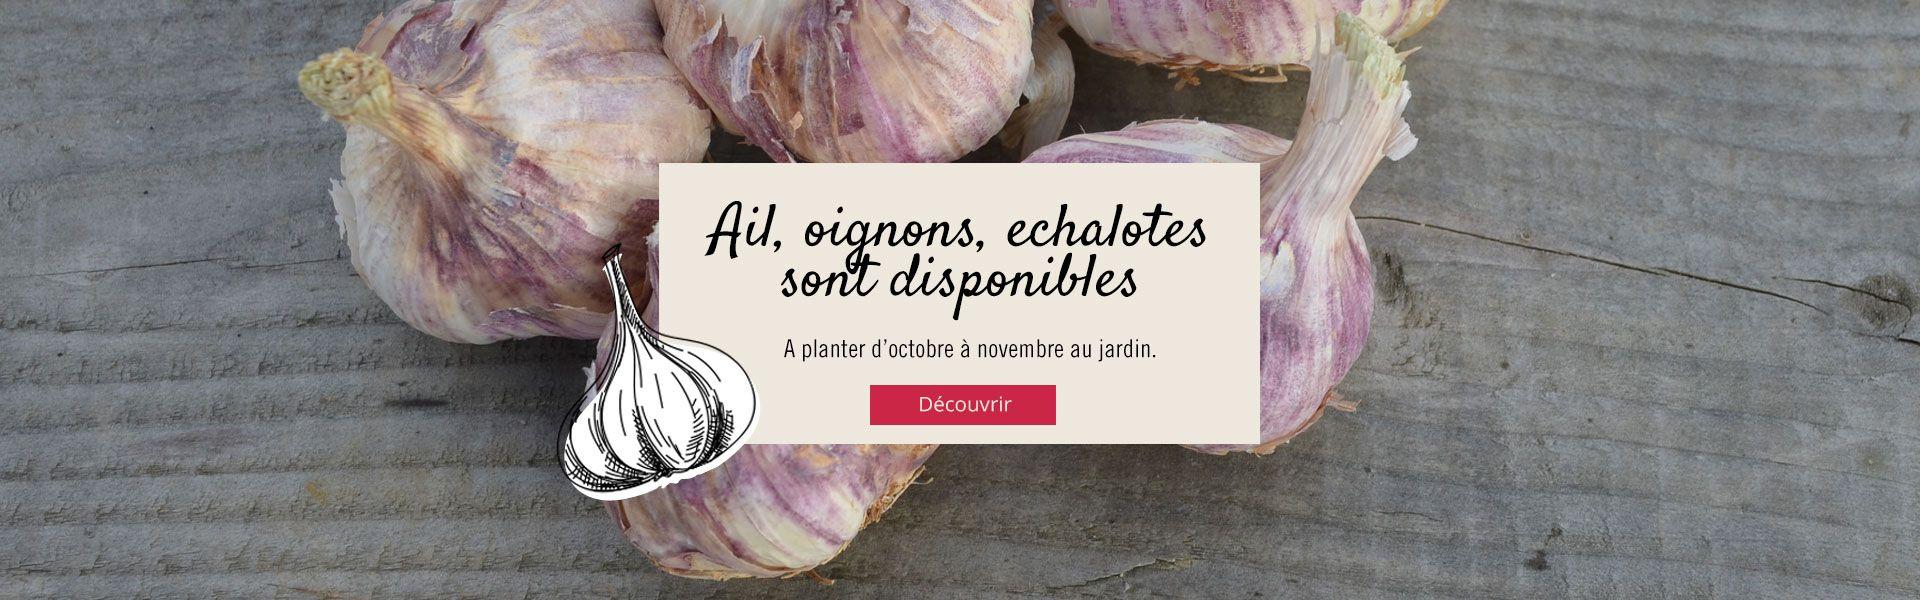 Ail, oignons et echalotes sont disponibles